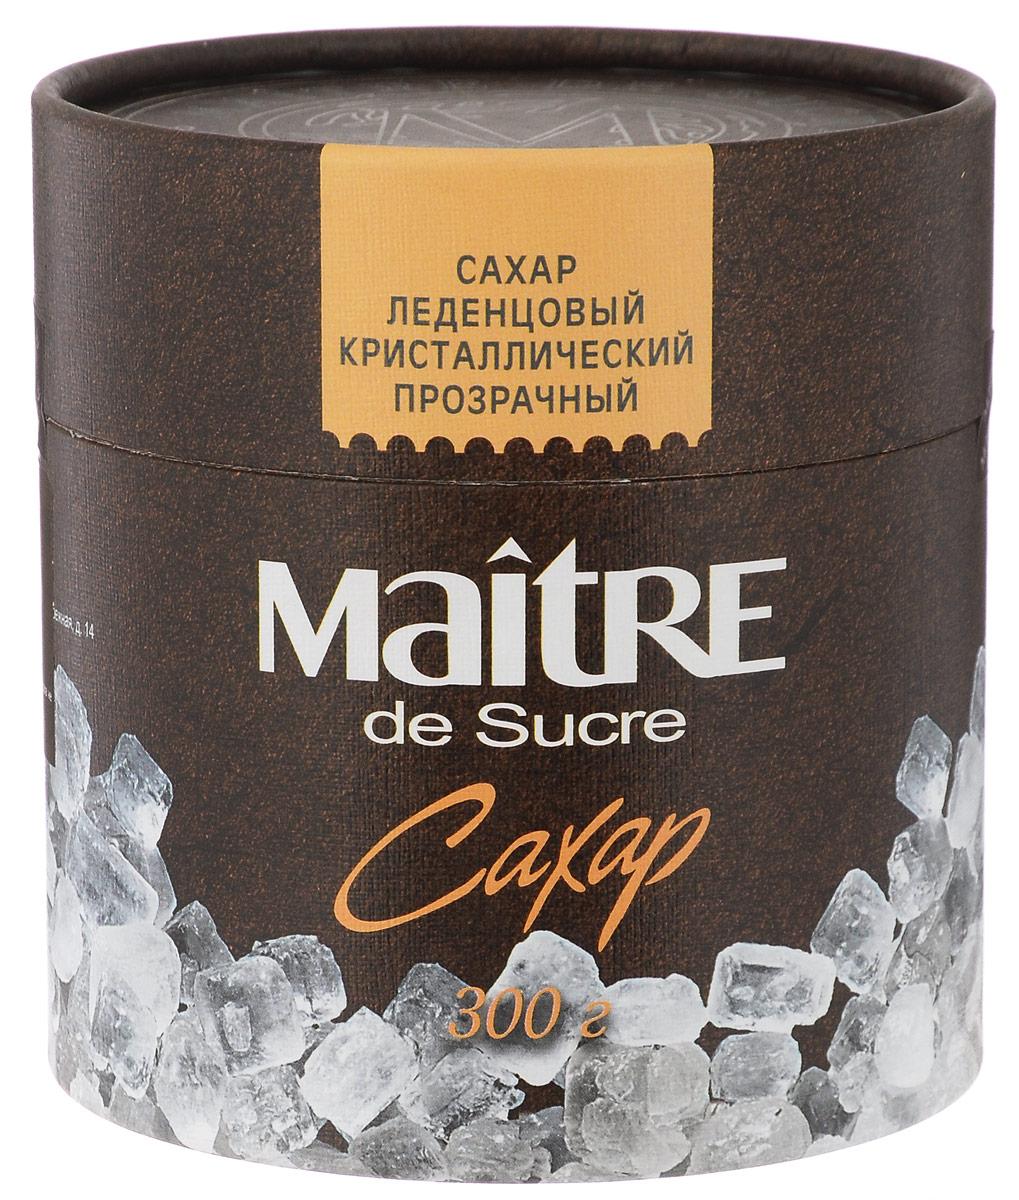 Maitre de Sucre сахар леденцовый прозрачный кристаллический, 300 г